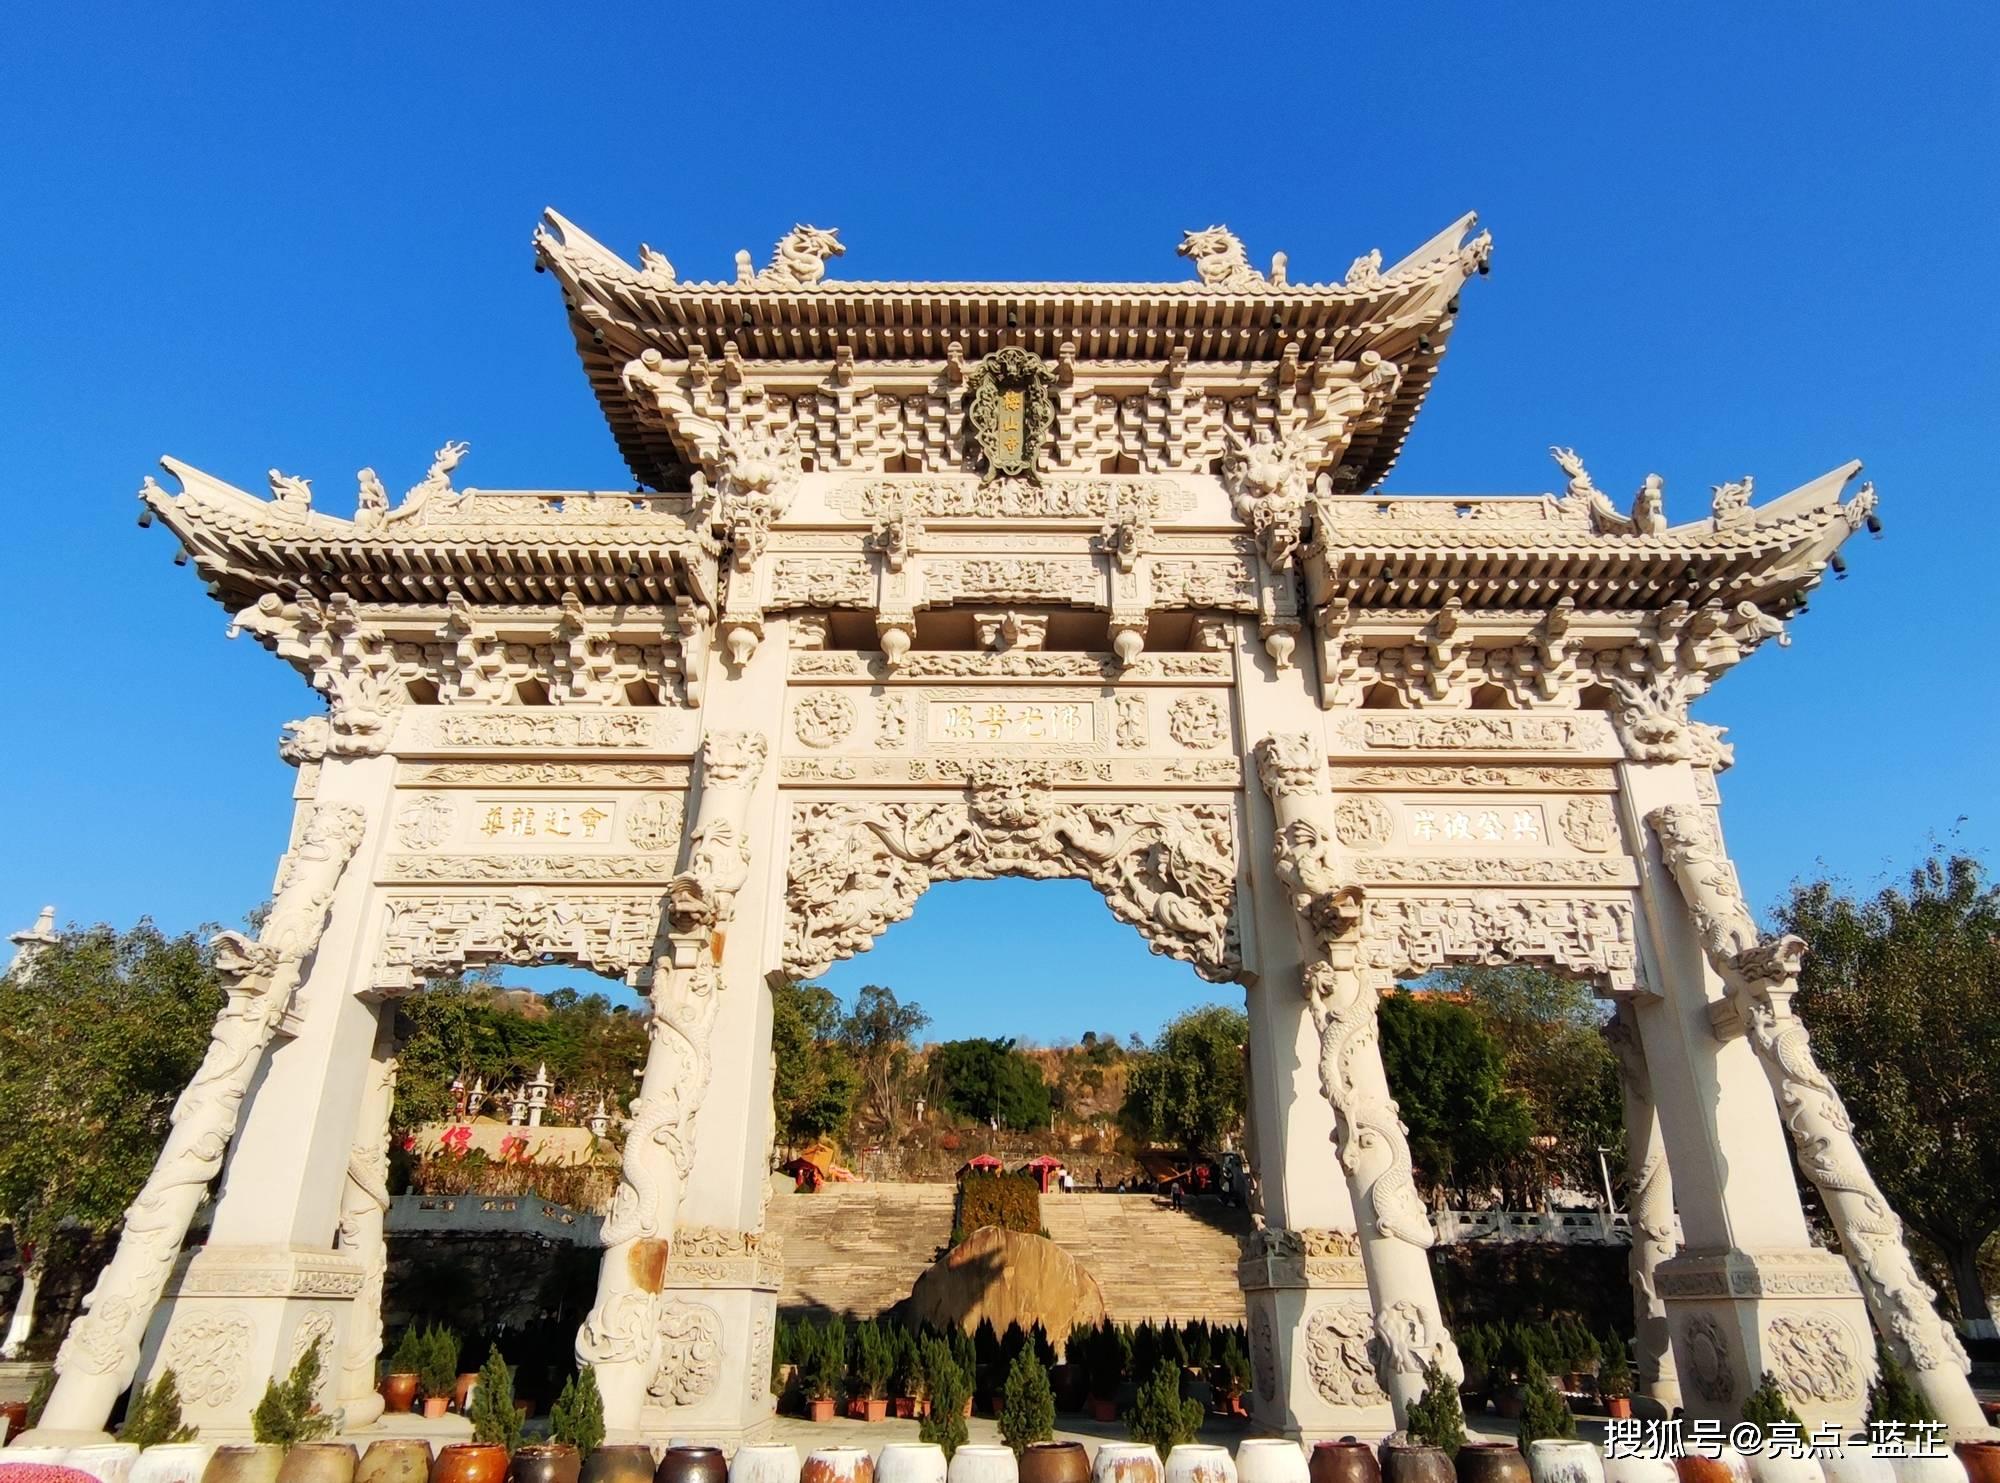 了不起的梅山寺,拥有两个国内之最——石质山门、缅甸白玉佛像  第2张